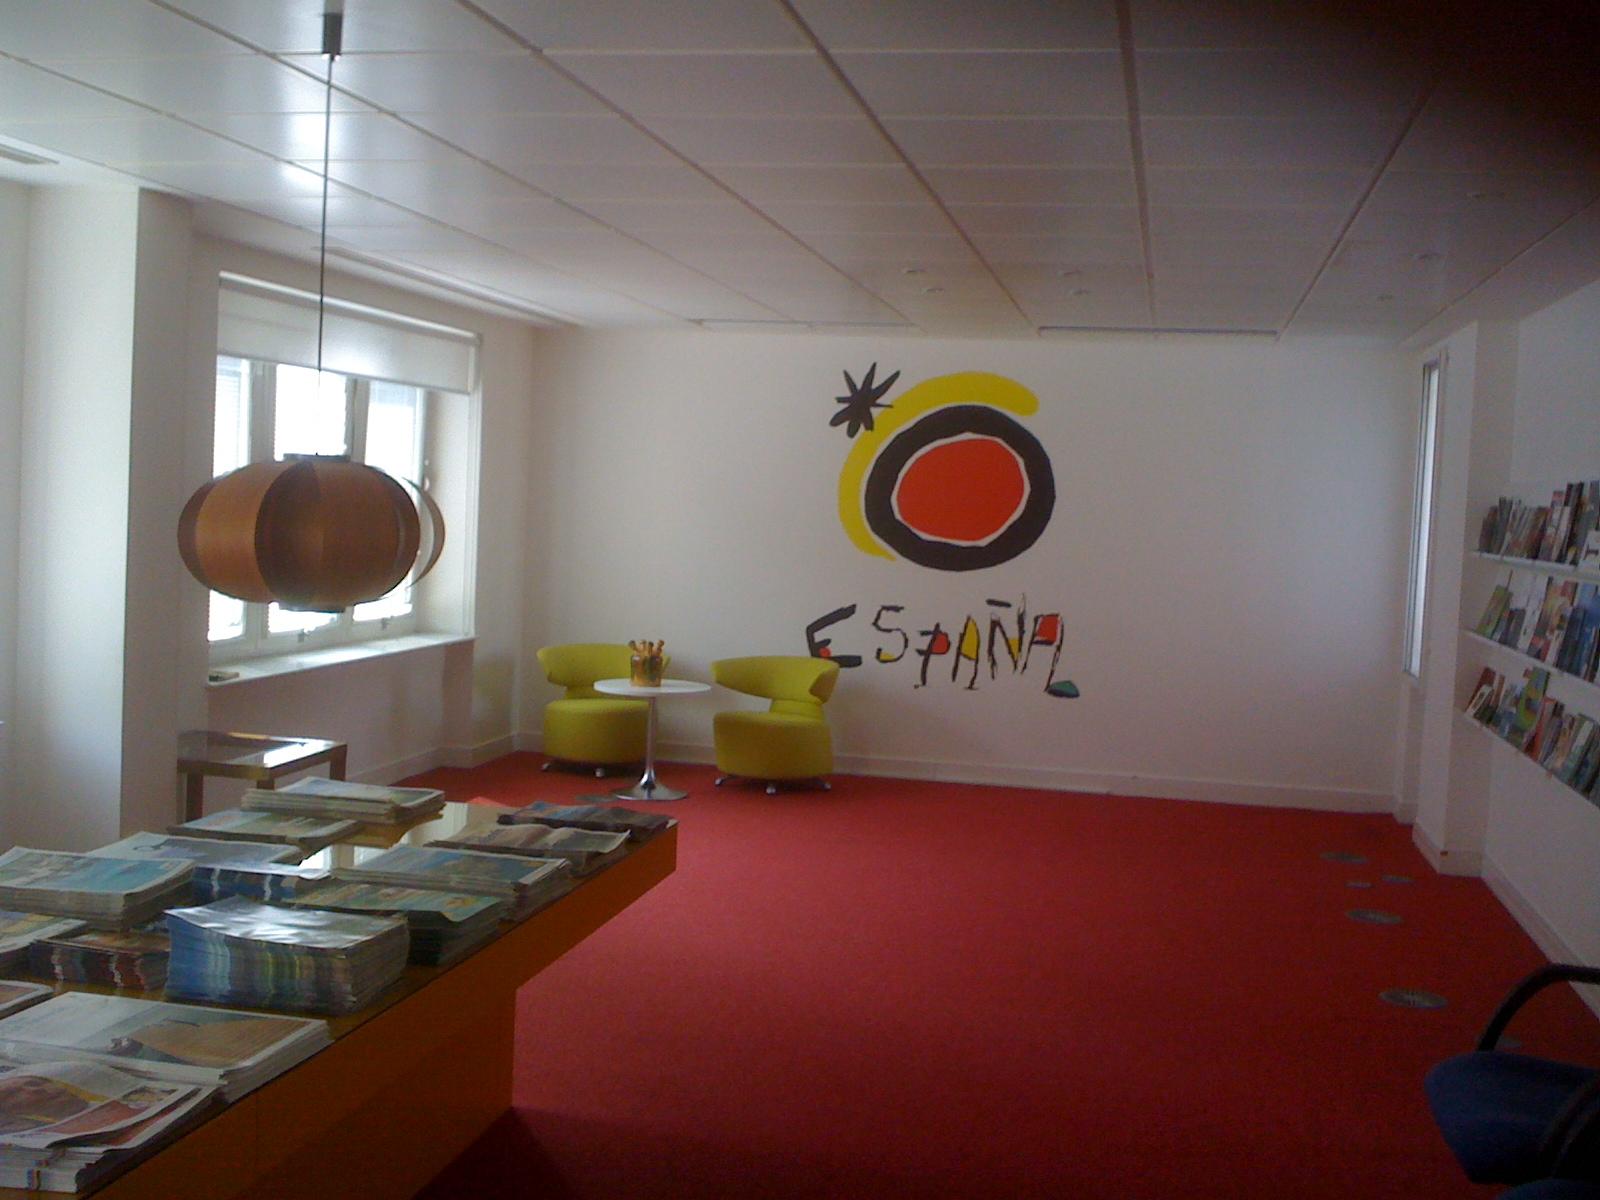 blog de lingua globe visita de lingua globe a la oficina